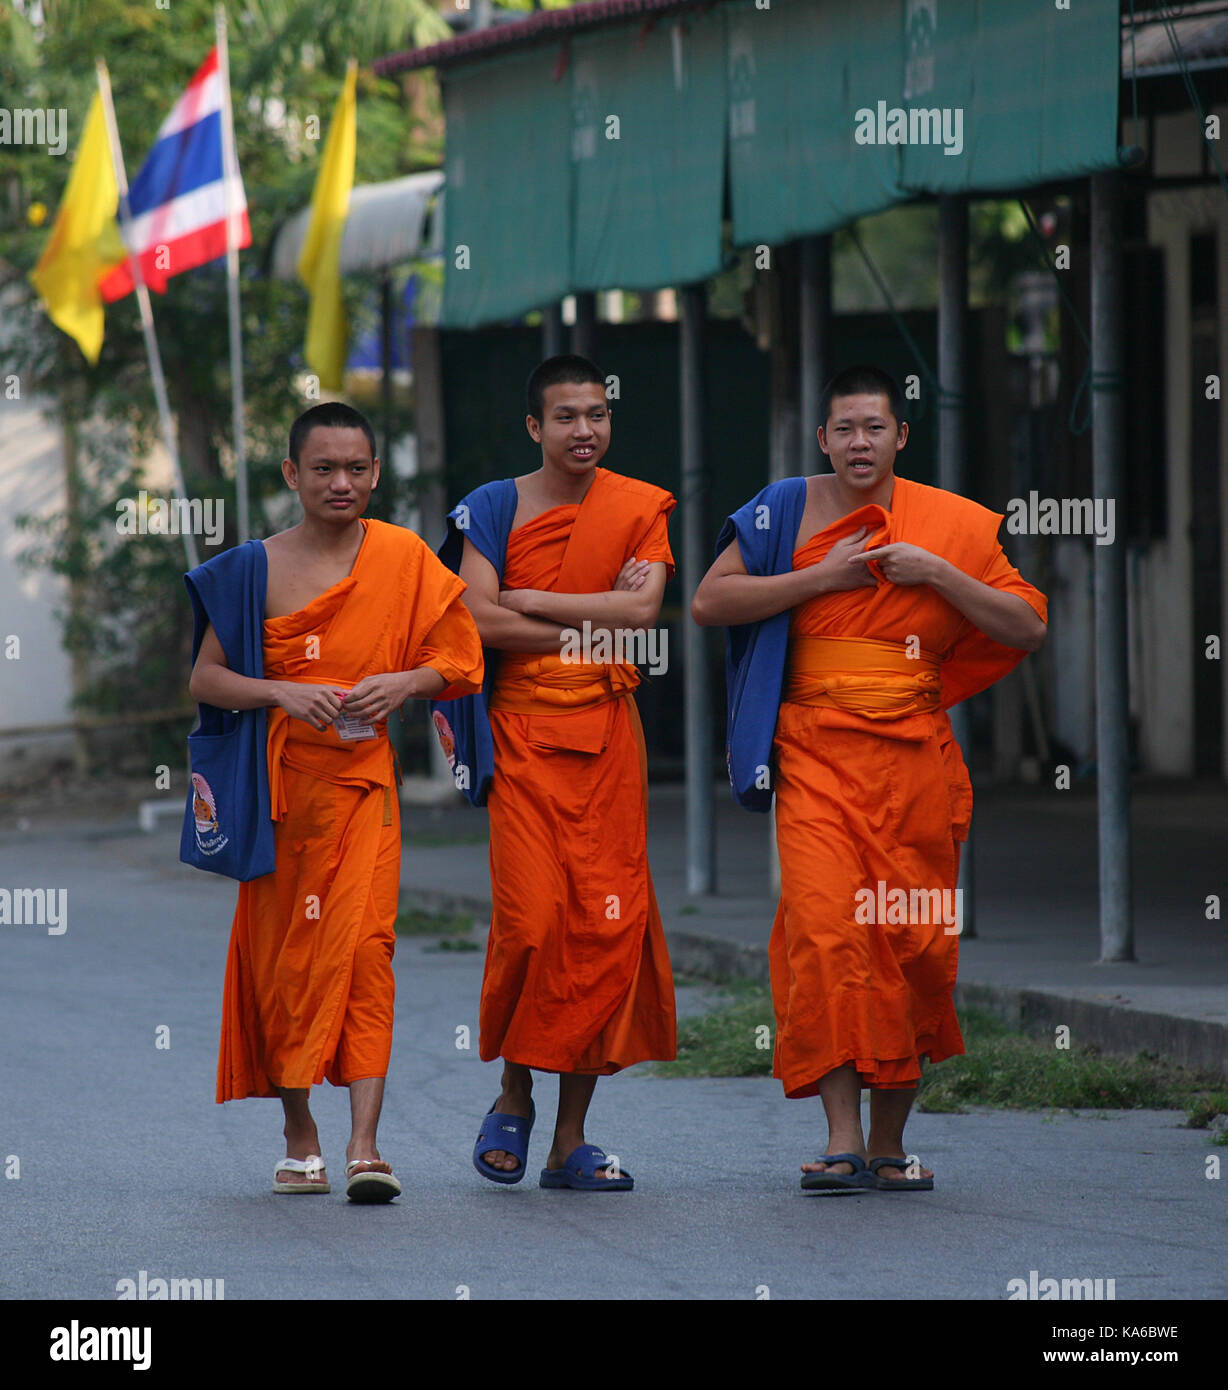 La vita quotidiana in un monastero buddista. I monaci andare in città per raccogliere elemosine. Immagini Stock